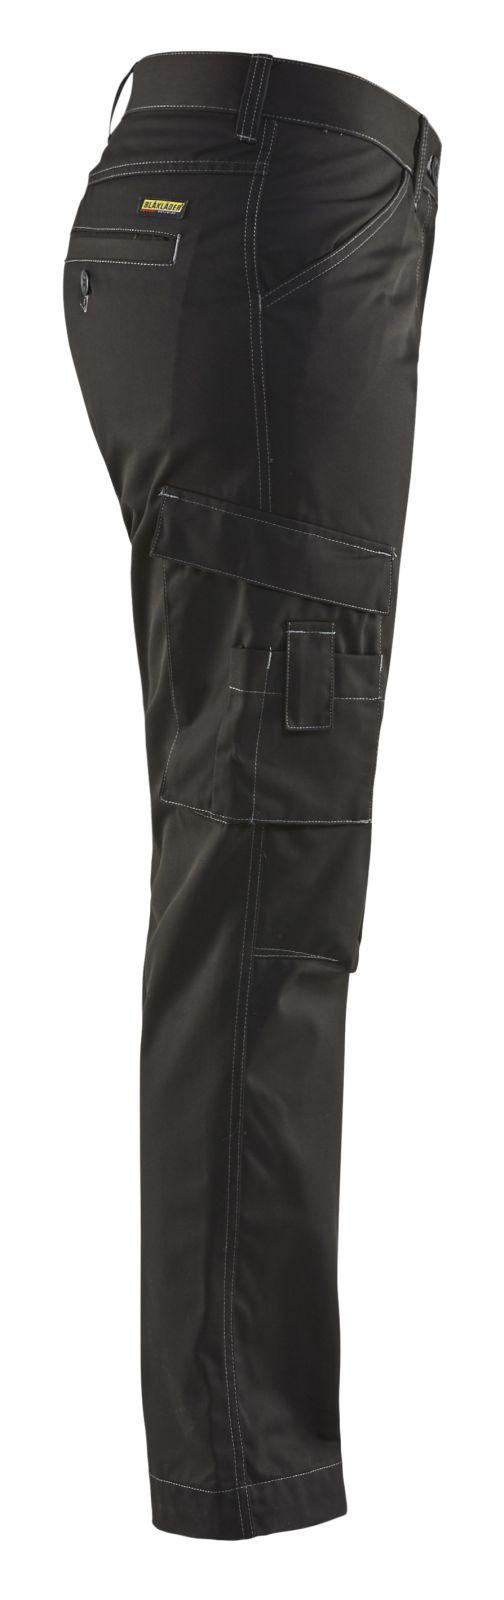 Blaklader Dames werkbroeken 71901835 zwart(9900)